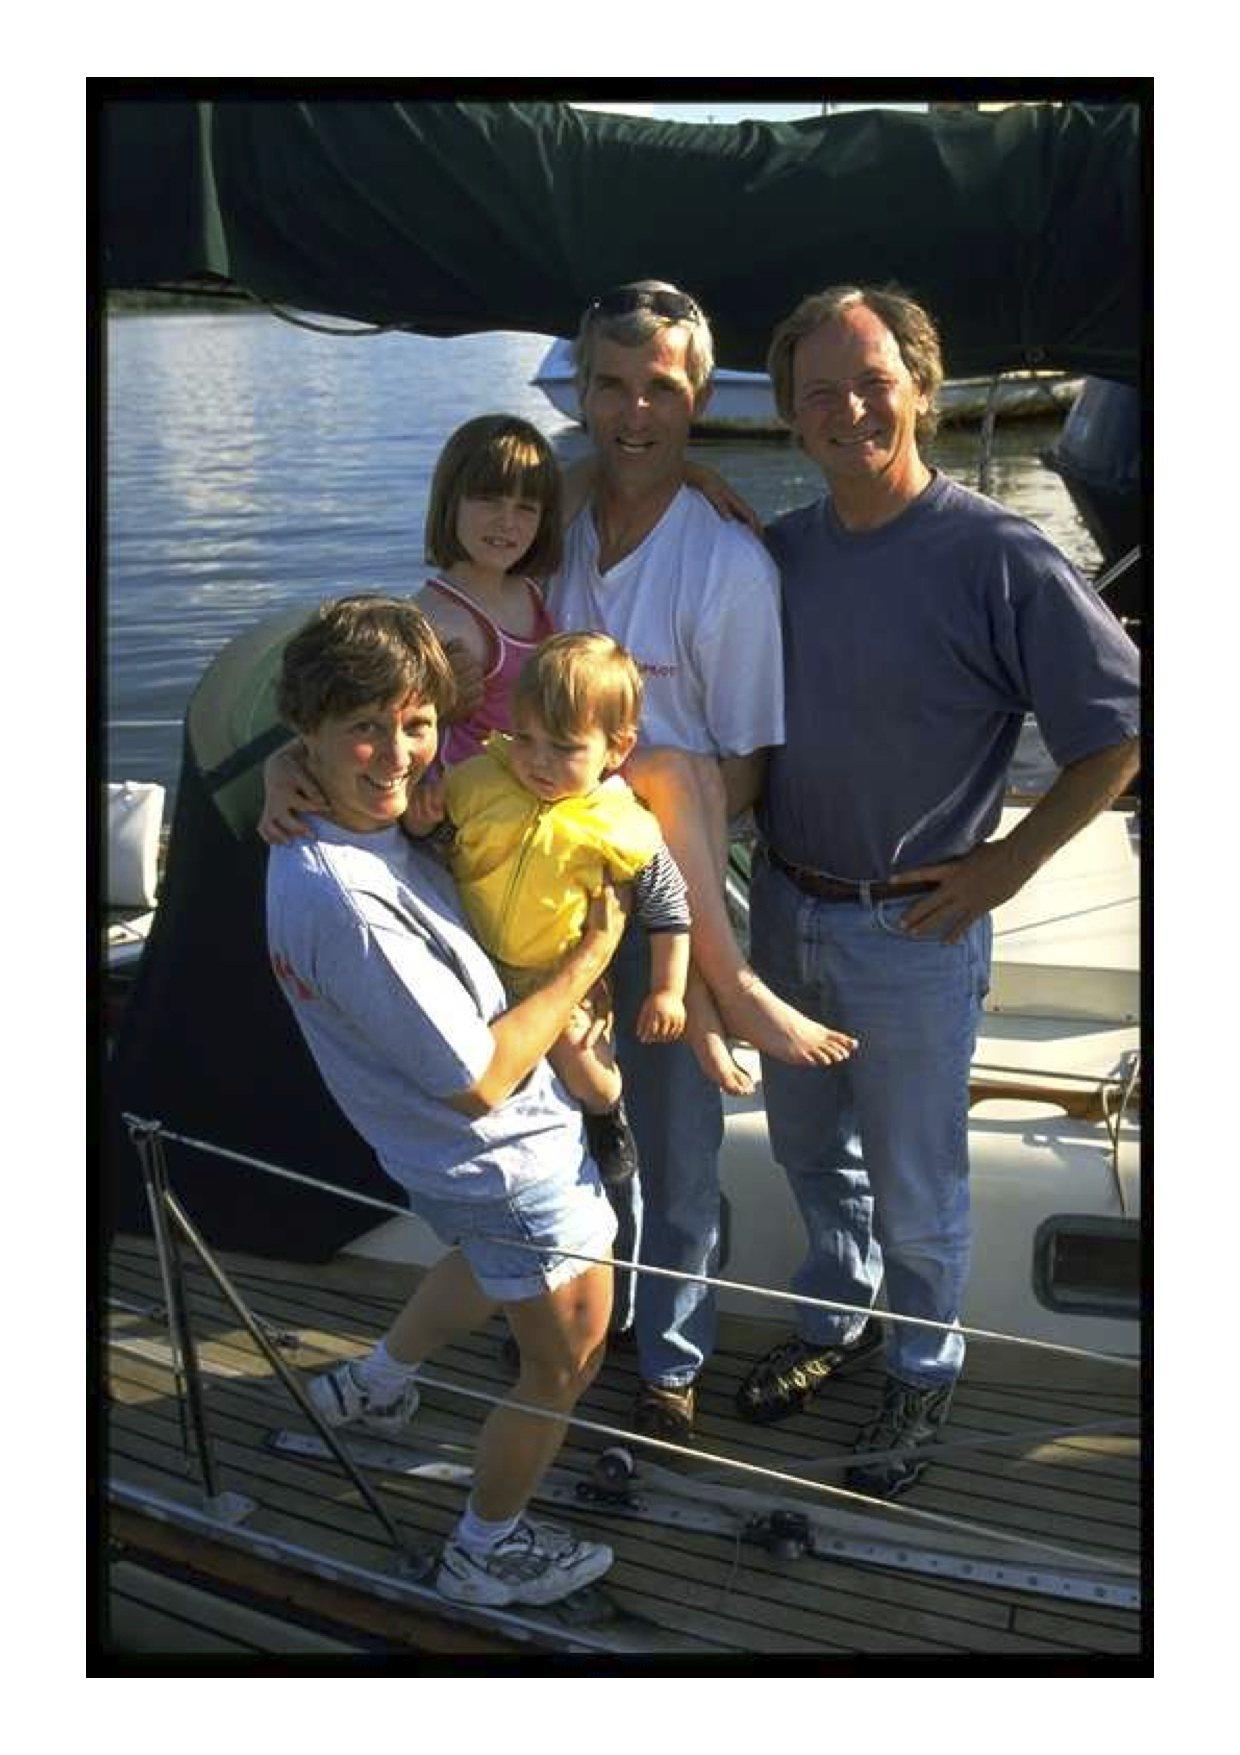 Barbara, Kathie, John, Simon+Peter Foerthmann in Arnis 2001